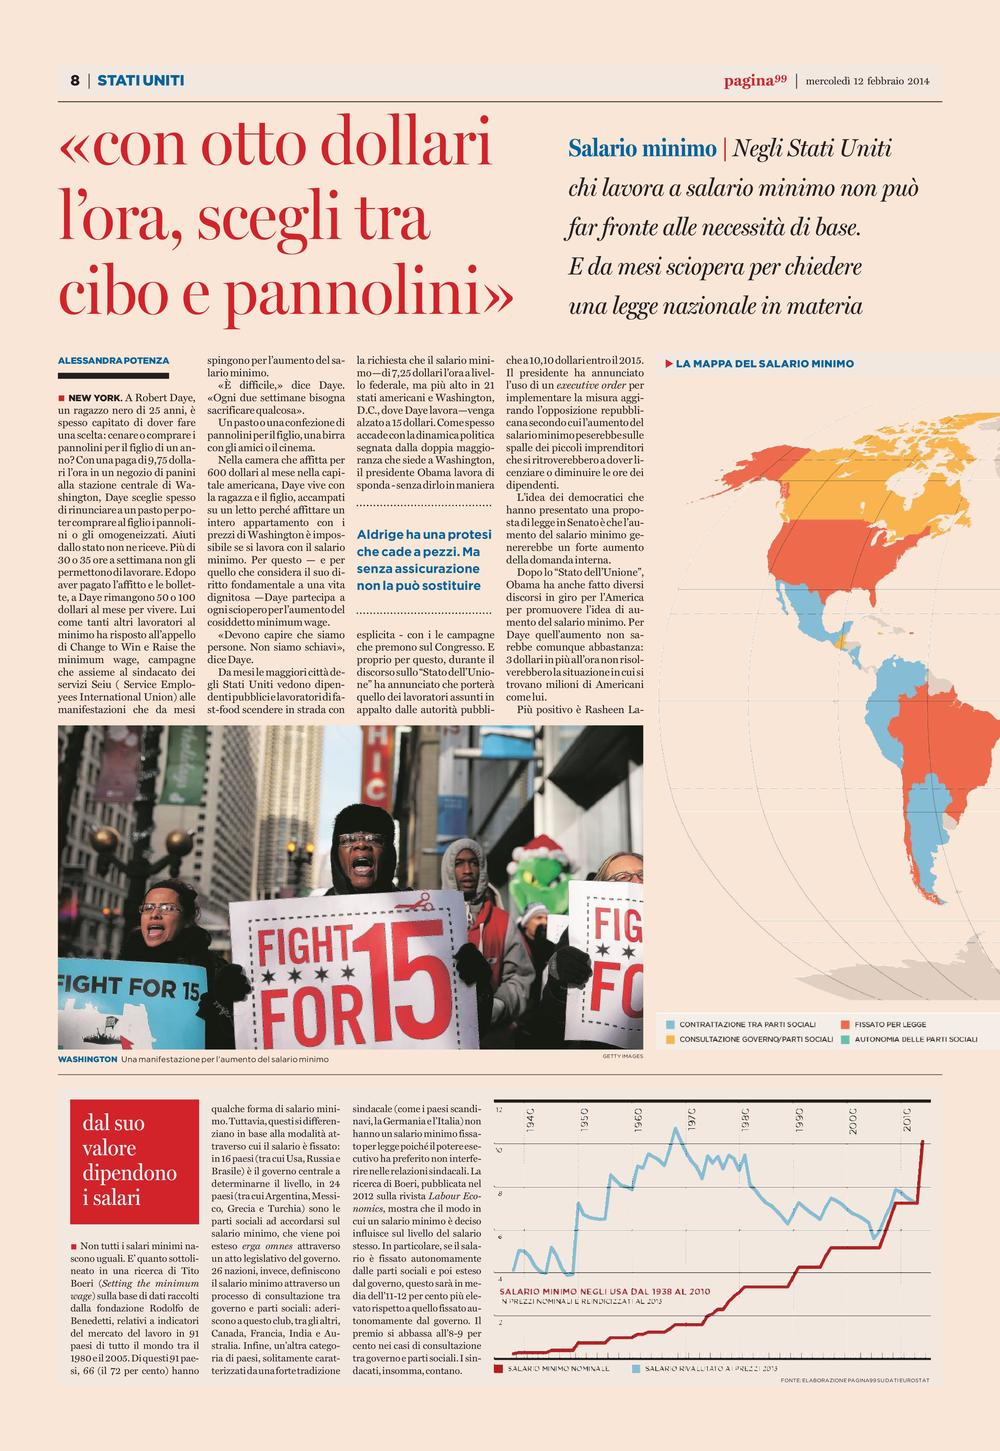 2014.02.12_salario_minimo1-page-001.jpg